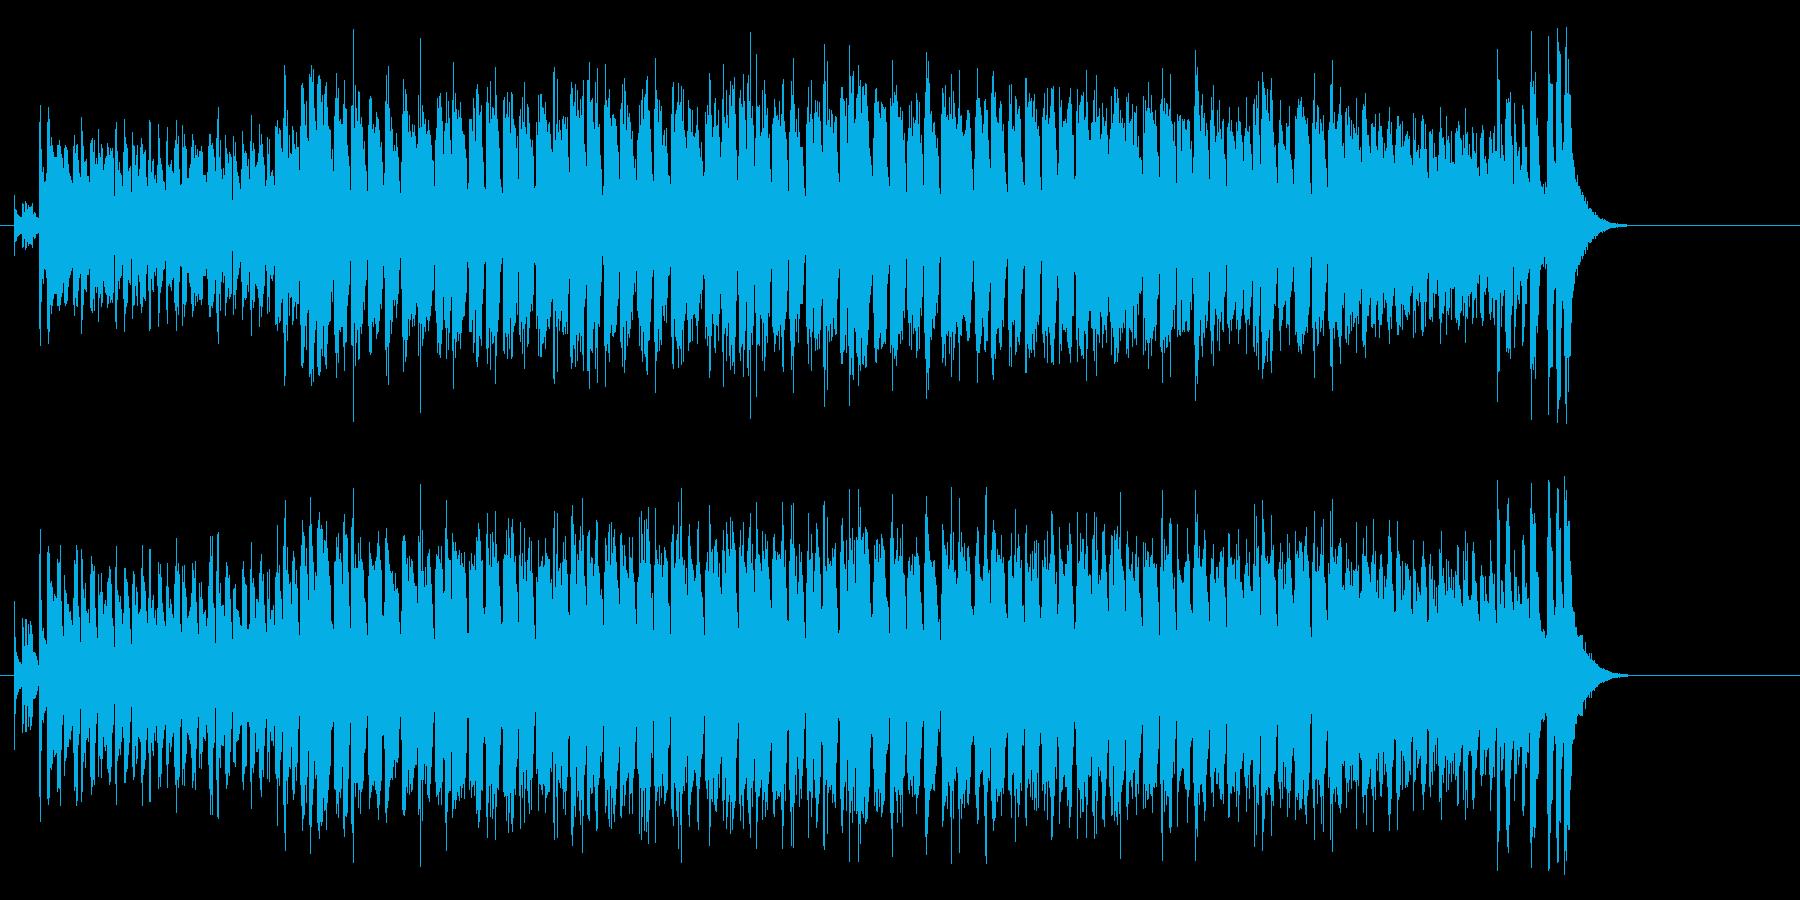 スカビートの効いたブラスサウンドの再生済みの波形